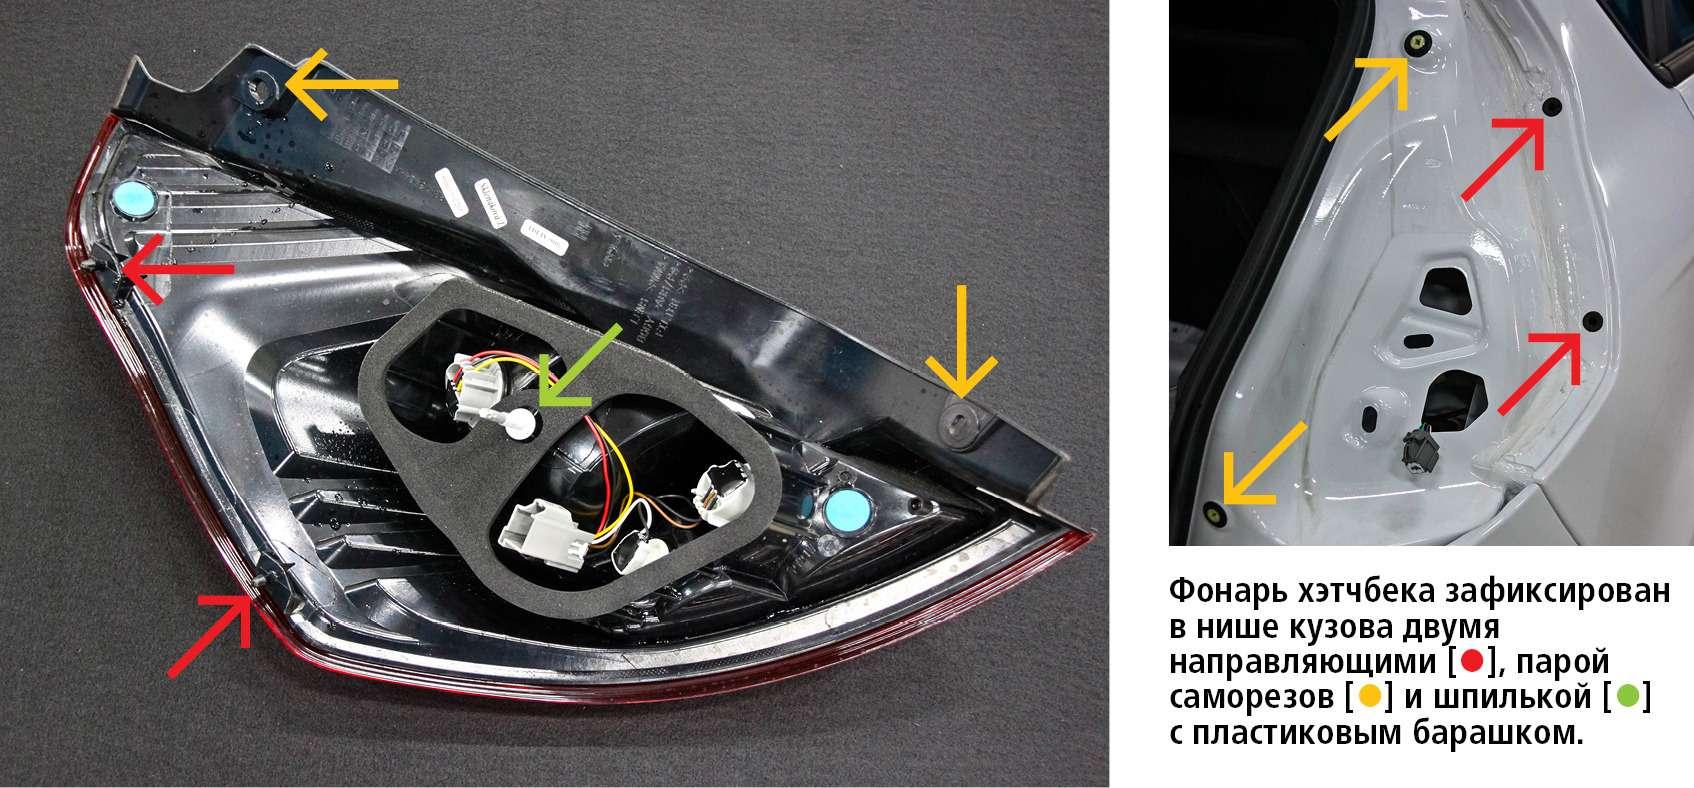 Ford Fiesta: проверка наремонтопригодность— фото 610323